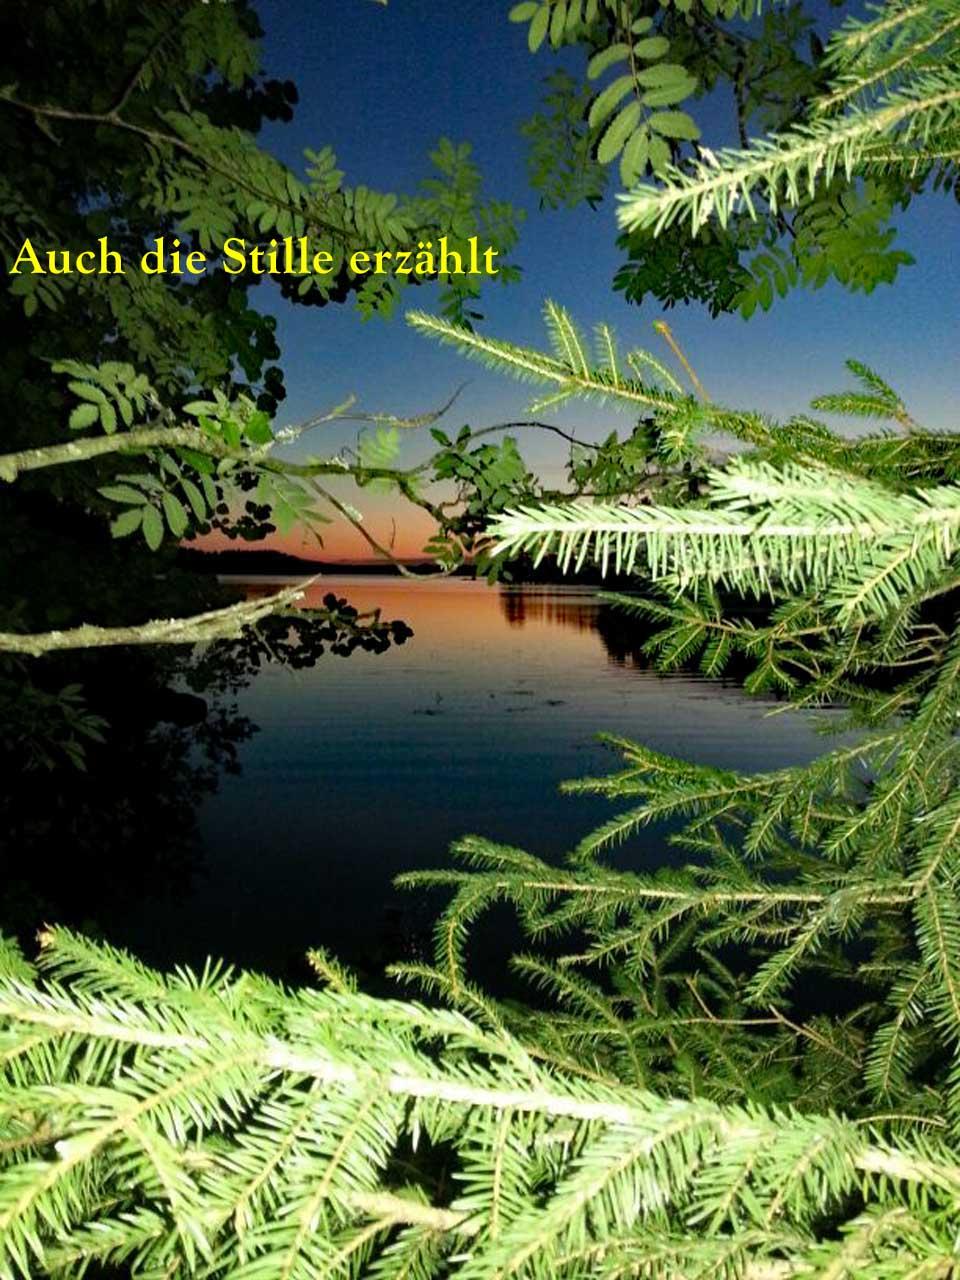 Hauskaa Juhannusta am finnischen See mit einem samischen Sprichwort